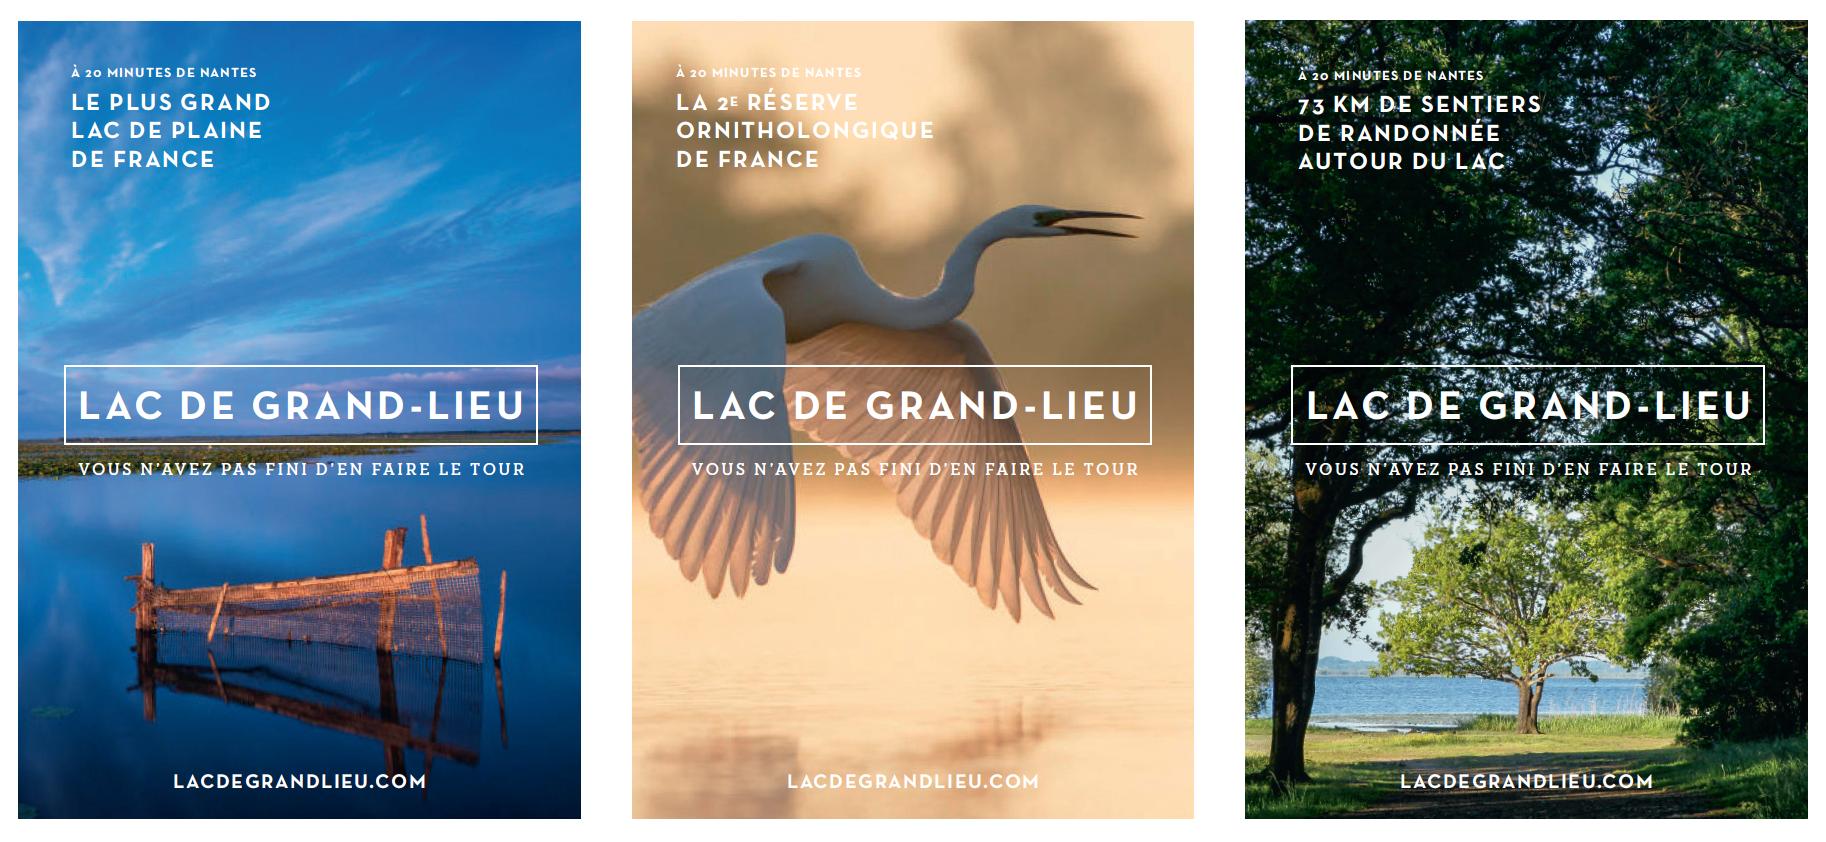 Affiches lac de Grand-Lieu - Loire-Atlantique développement